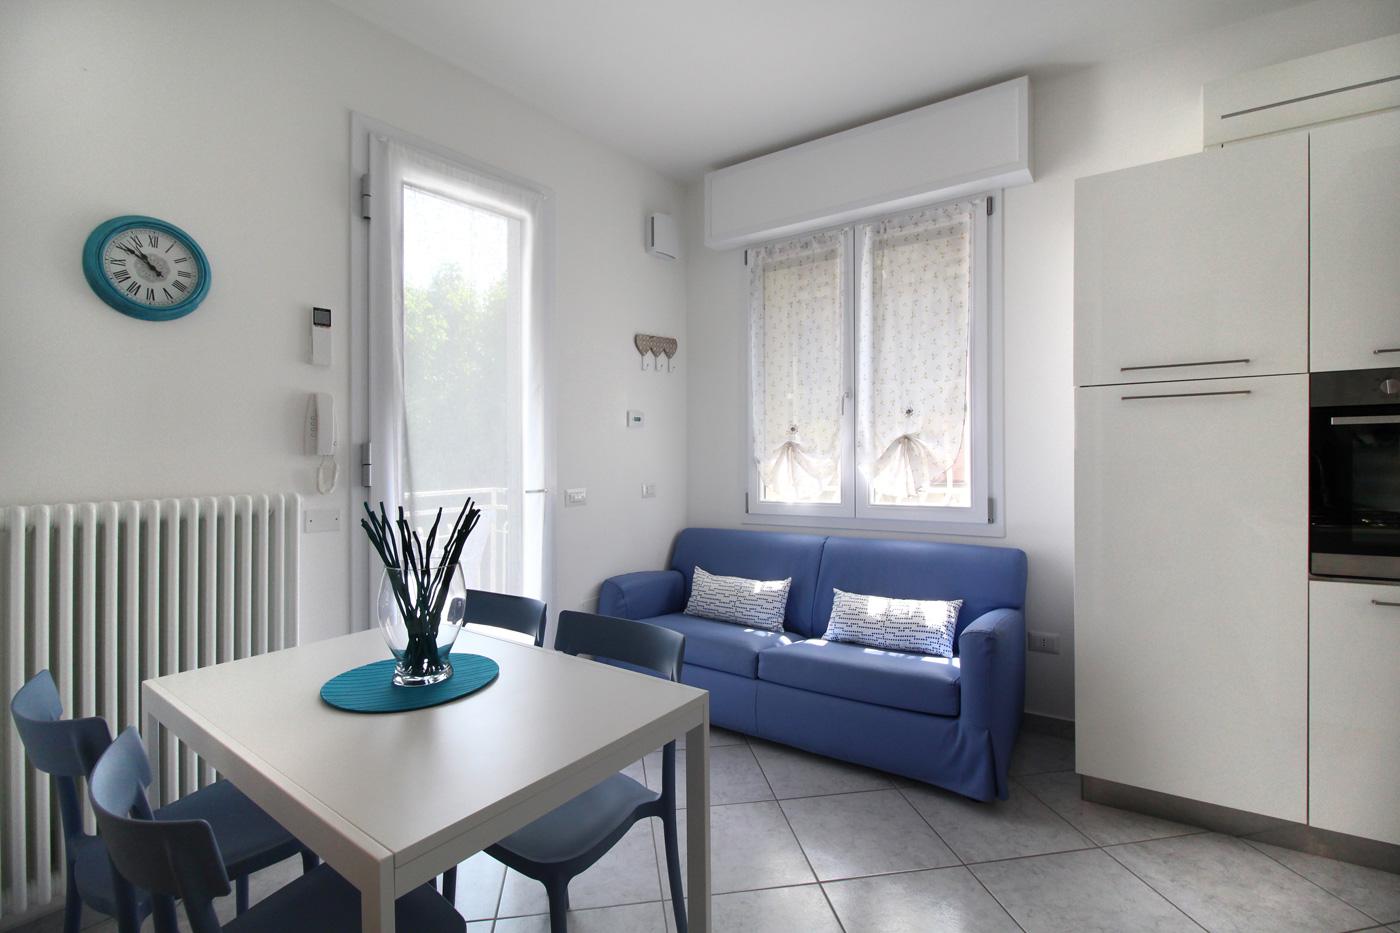 Appartamento sabrina romagna case vacanze-IMG_8679_2